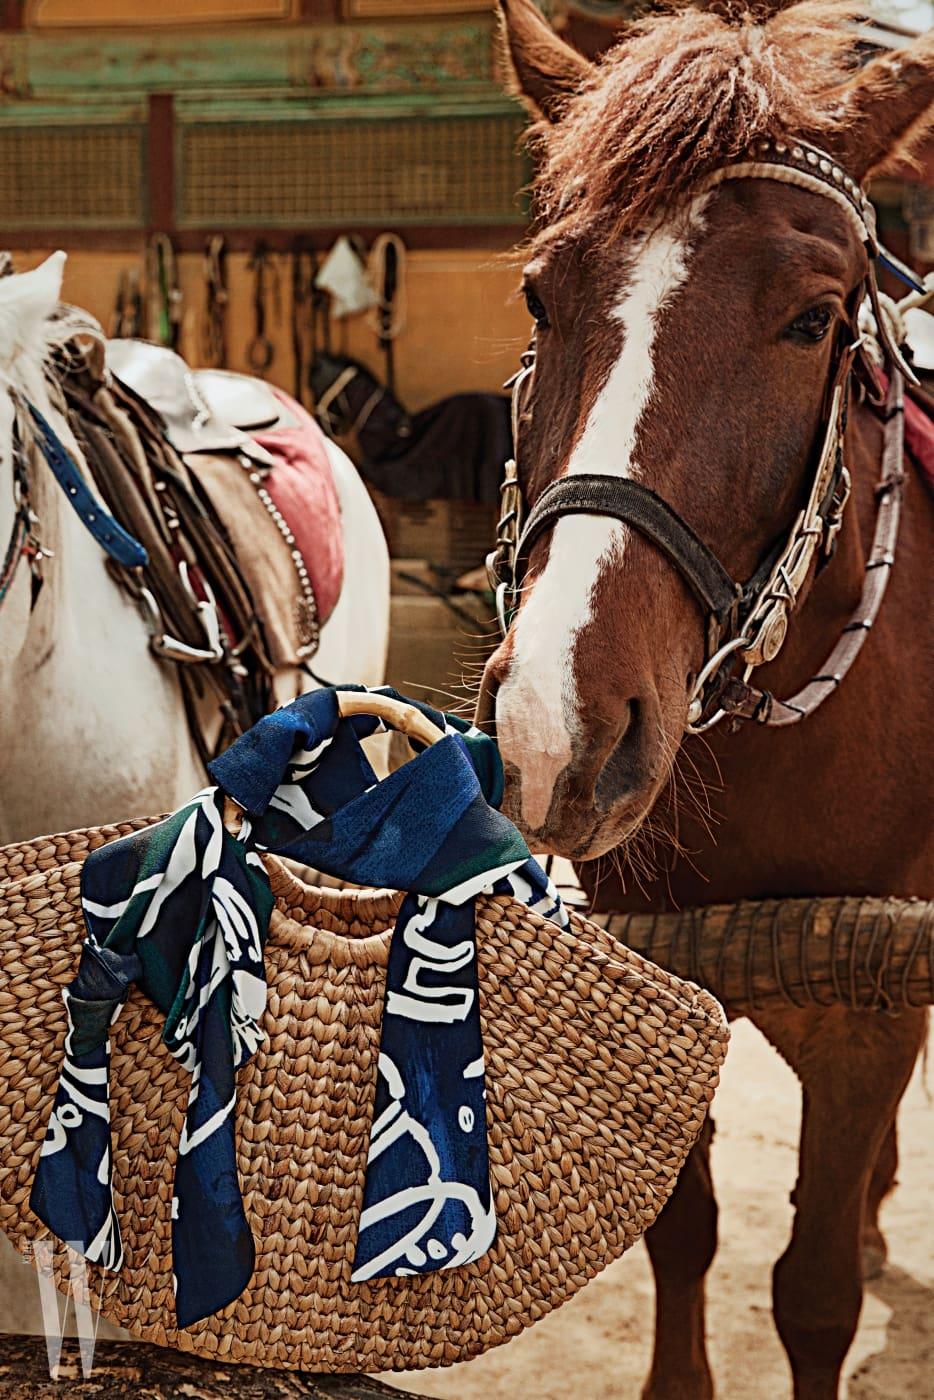 스카프를 핸들에 장식한 바구니 백은 누보 10 제품. 13만8천원.